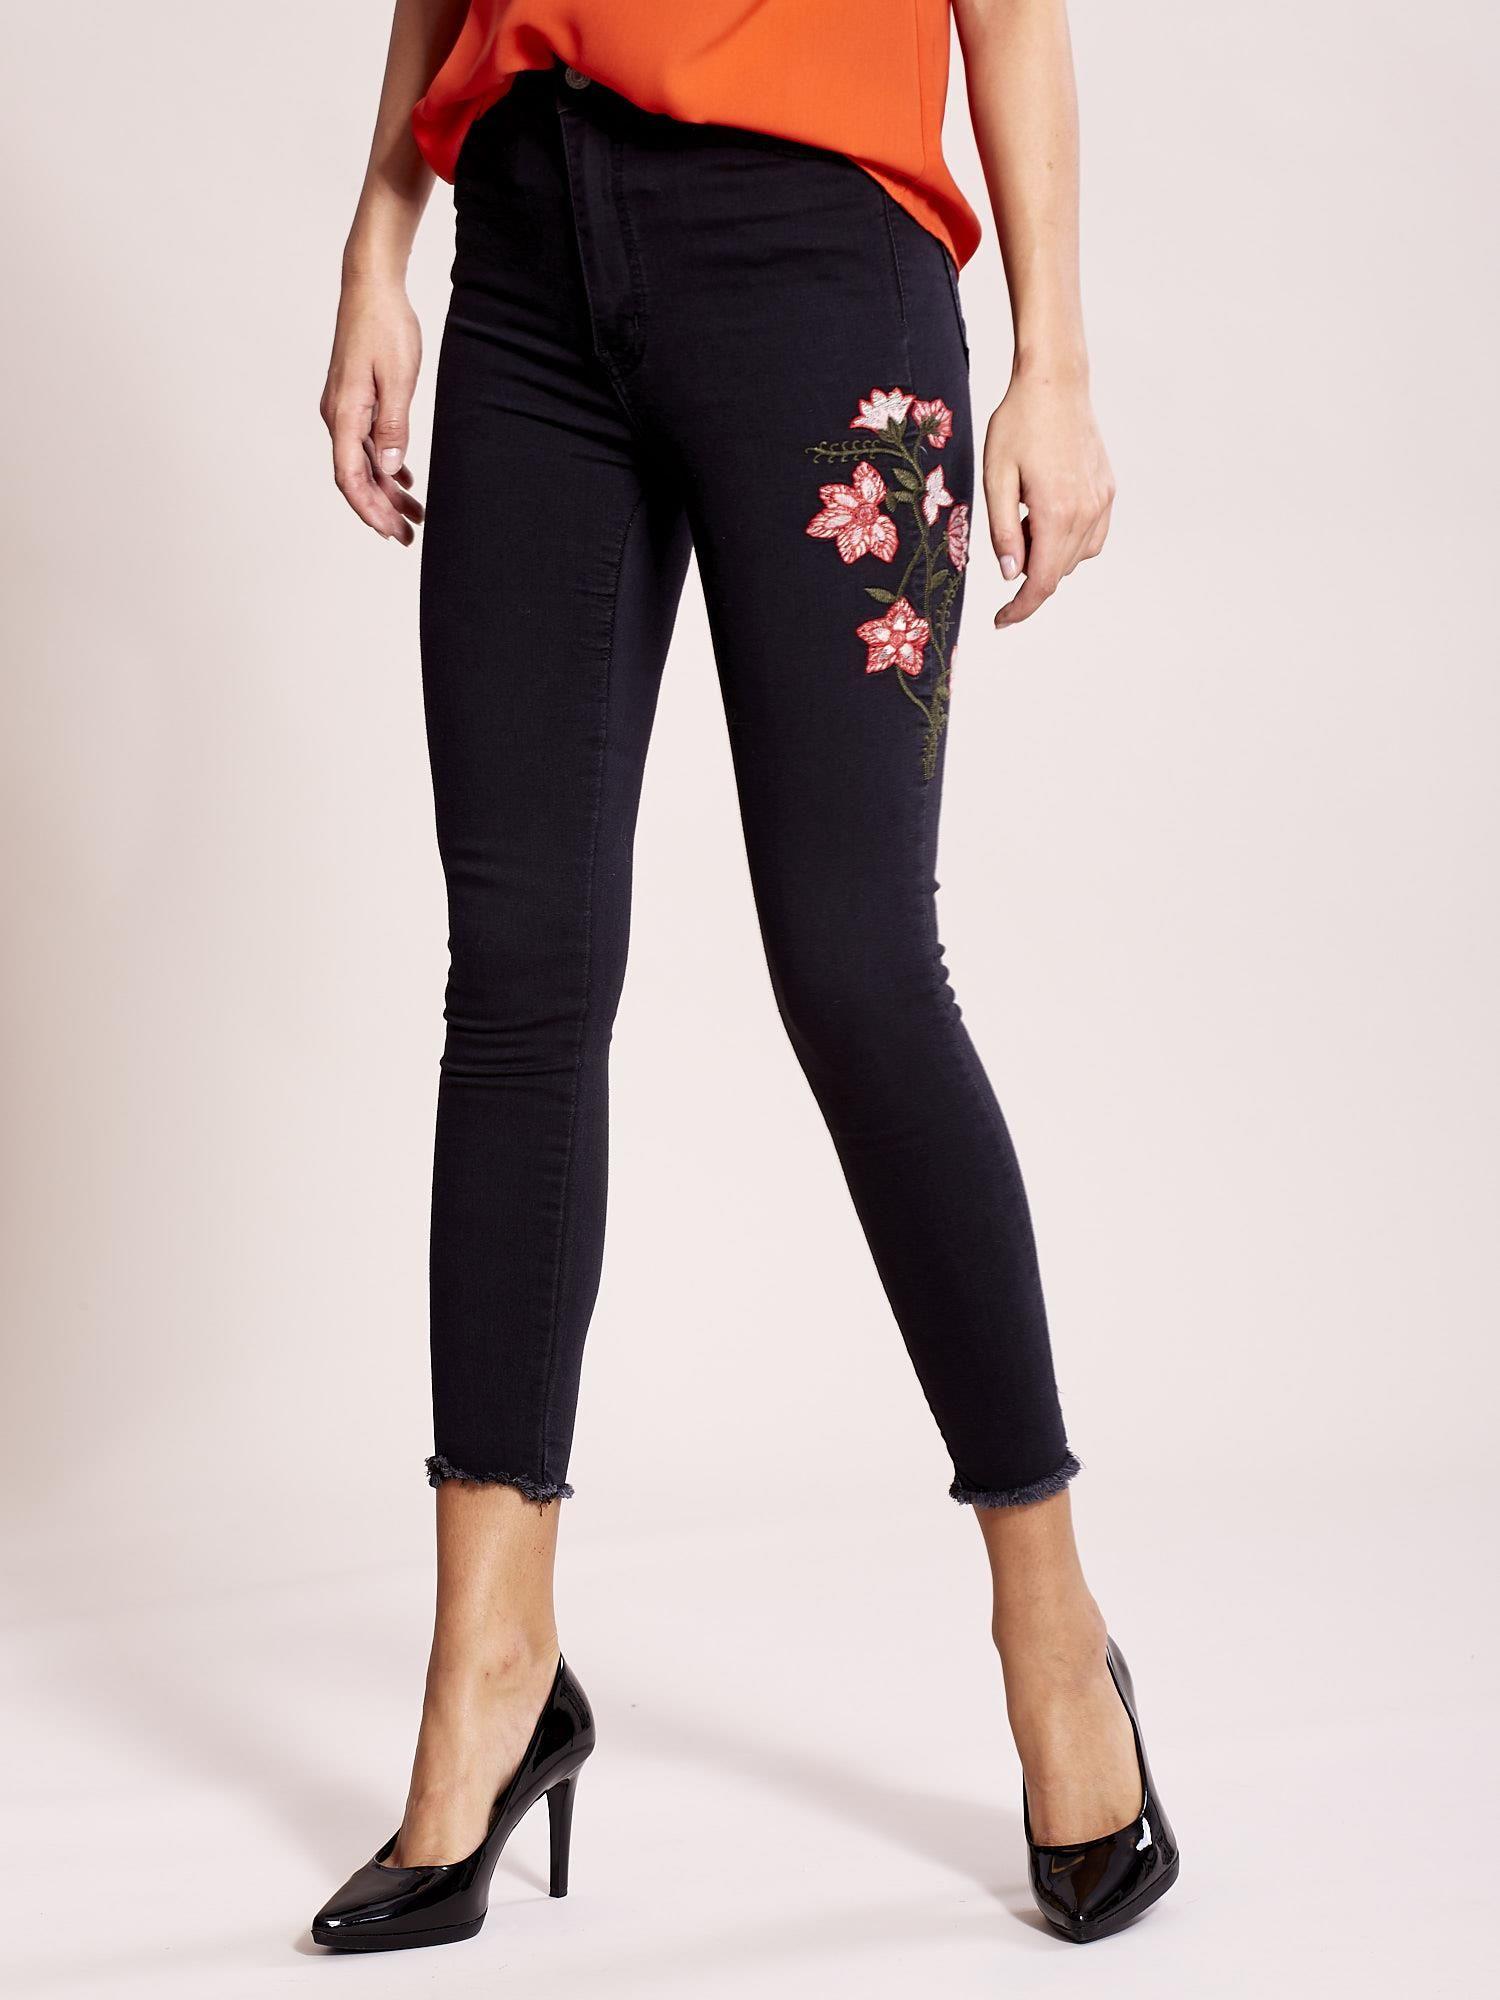 Zupełnie nowe Ciemnoszare jeansy z kwiatami - Spodnie jeansowe - sklep eButik.pl KN05